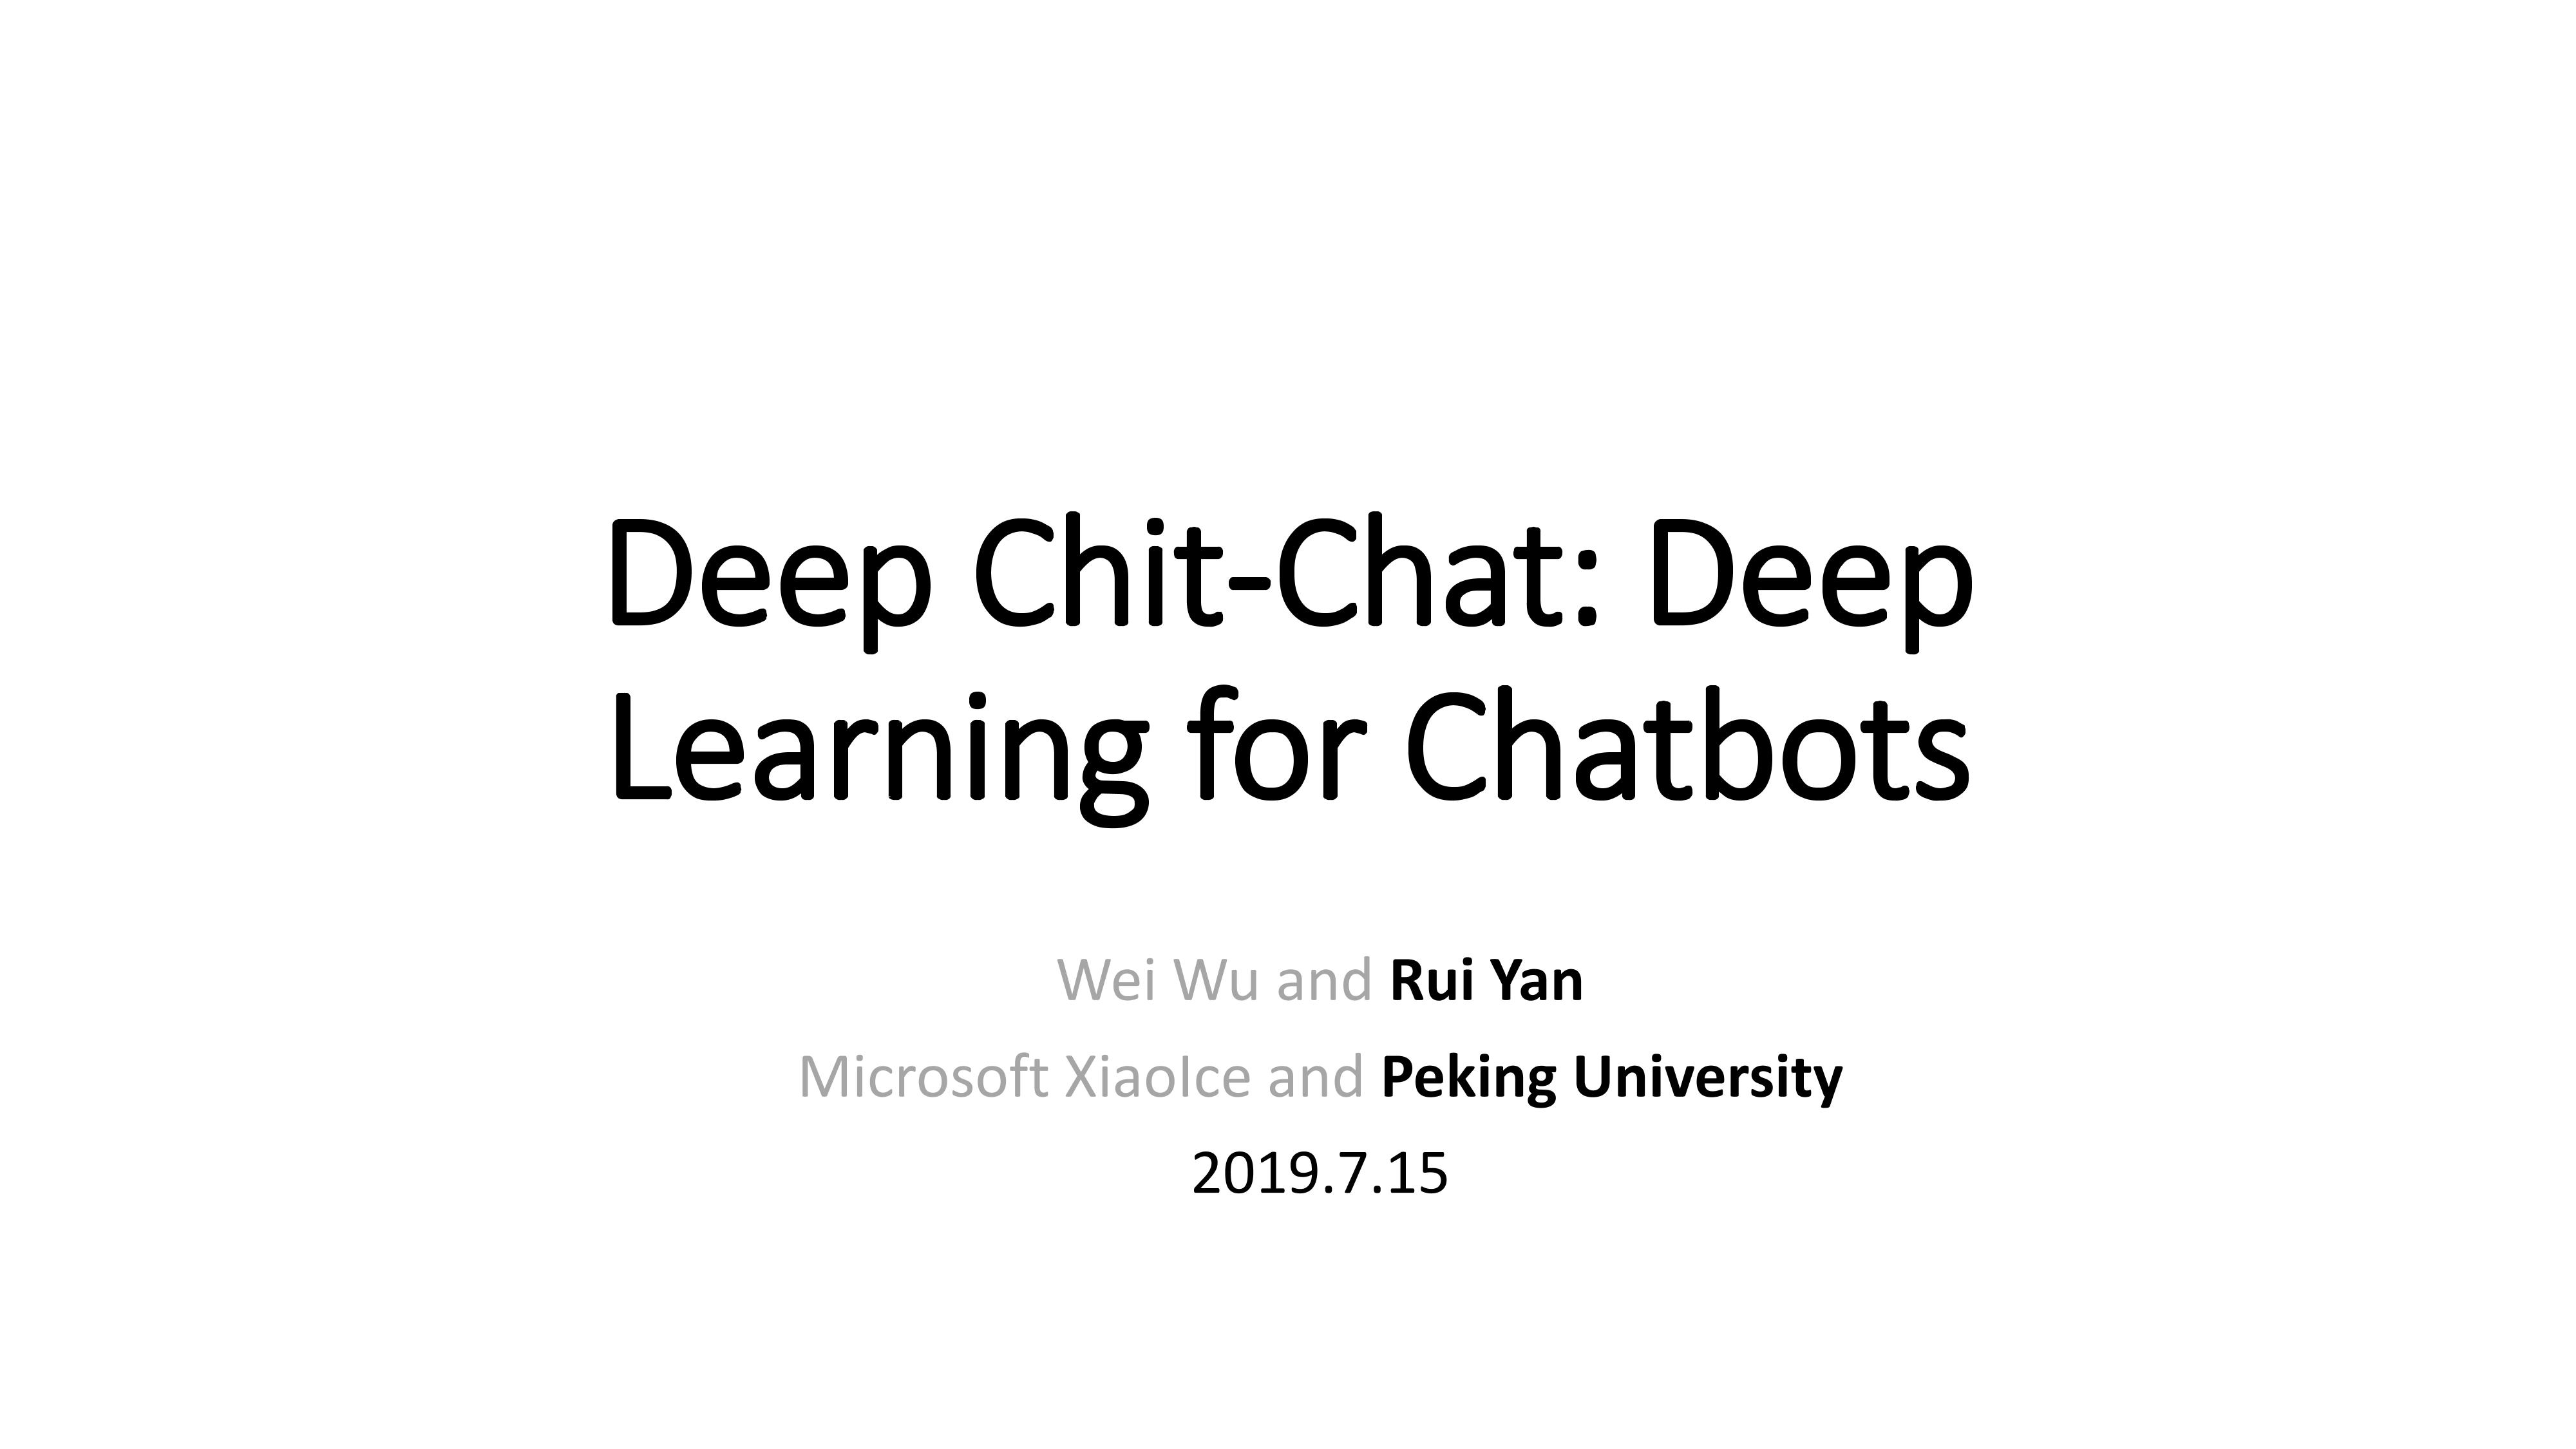 问答与对话-技术与系统之人工智能在人机对话系统中的技术现状与挑战【严睿】第十四届中国中文信息学会暑期学校暨中国中文信息学会《前沿科技讲习班》ATT第14期